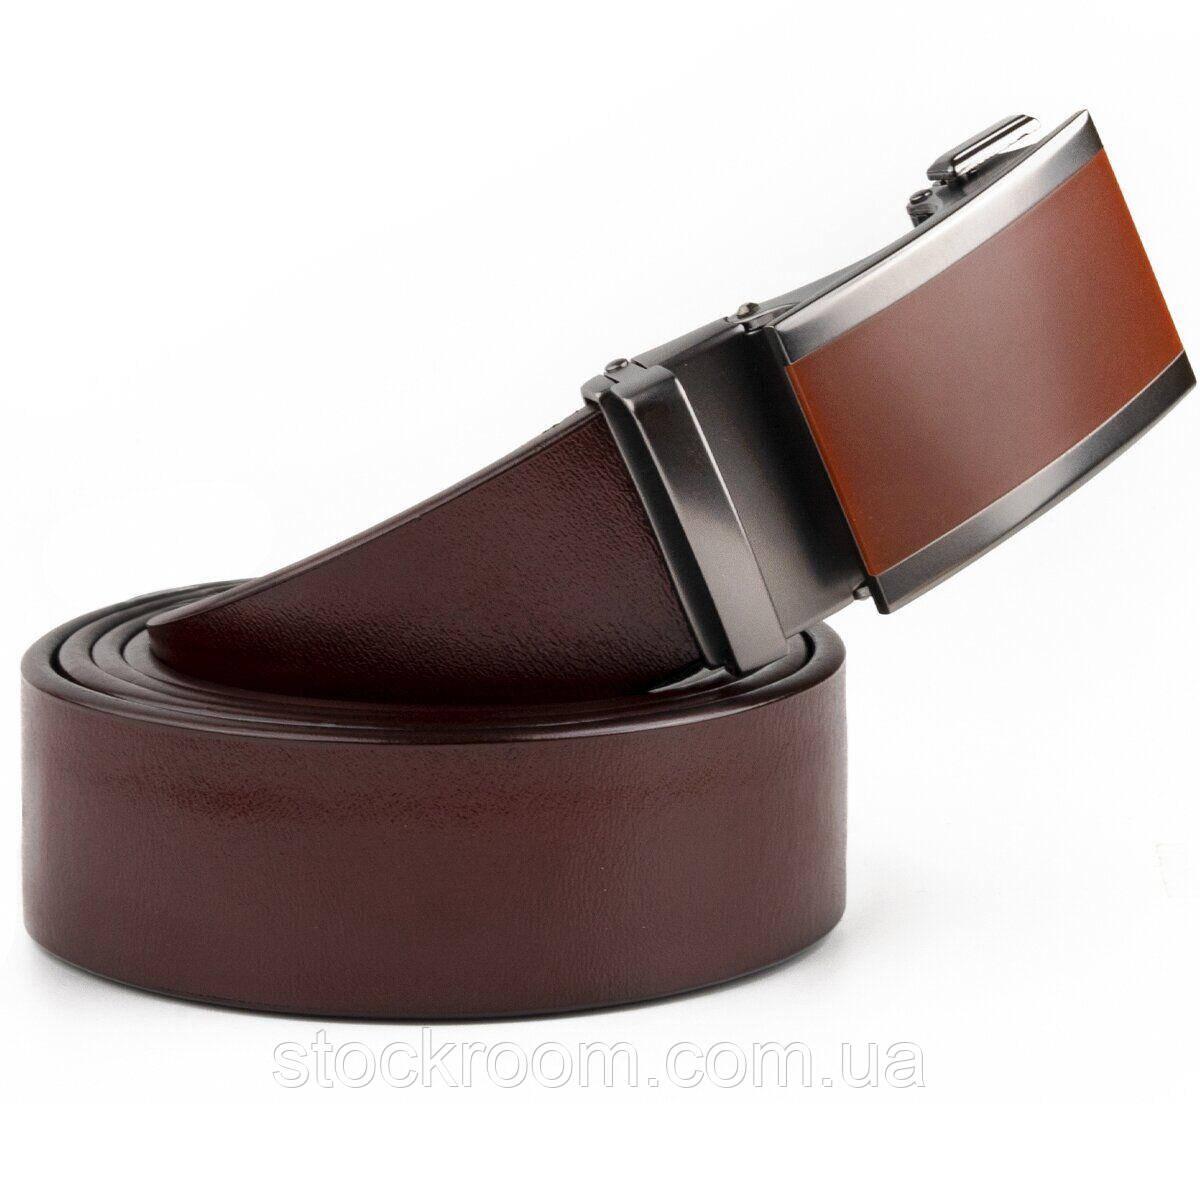 Ремень мужской с коричневой вставкой на пряжке Vintage 20286 Коричневый